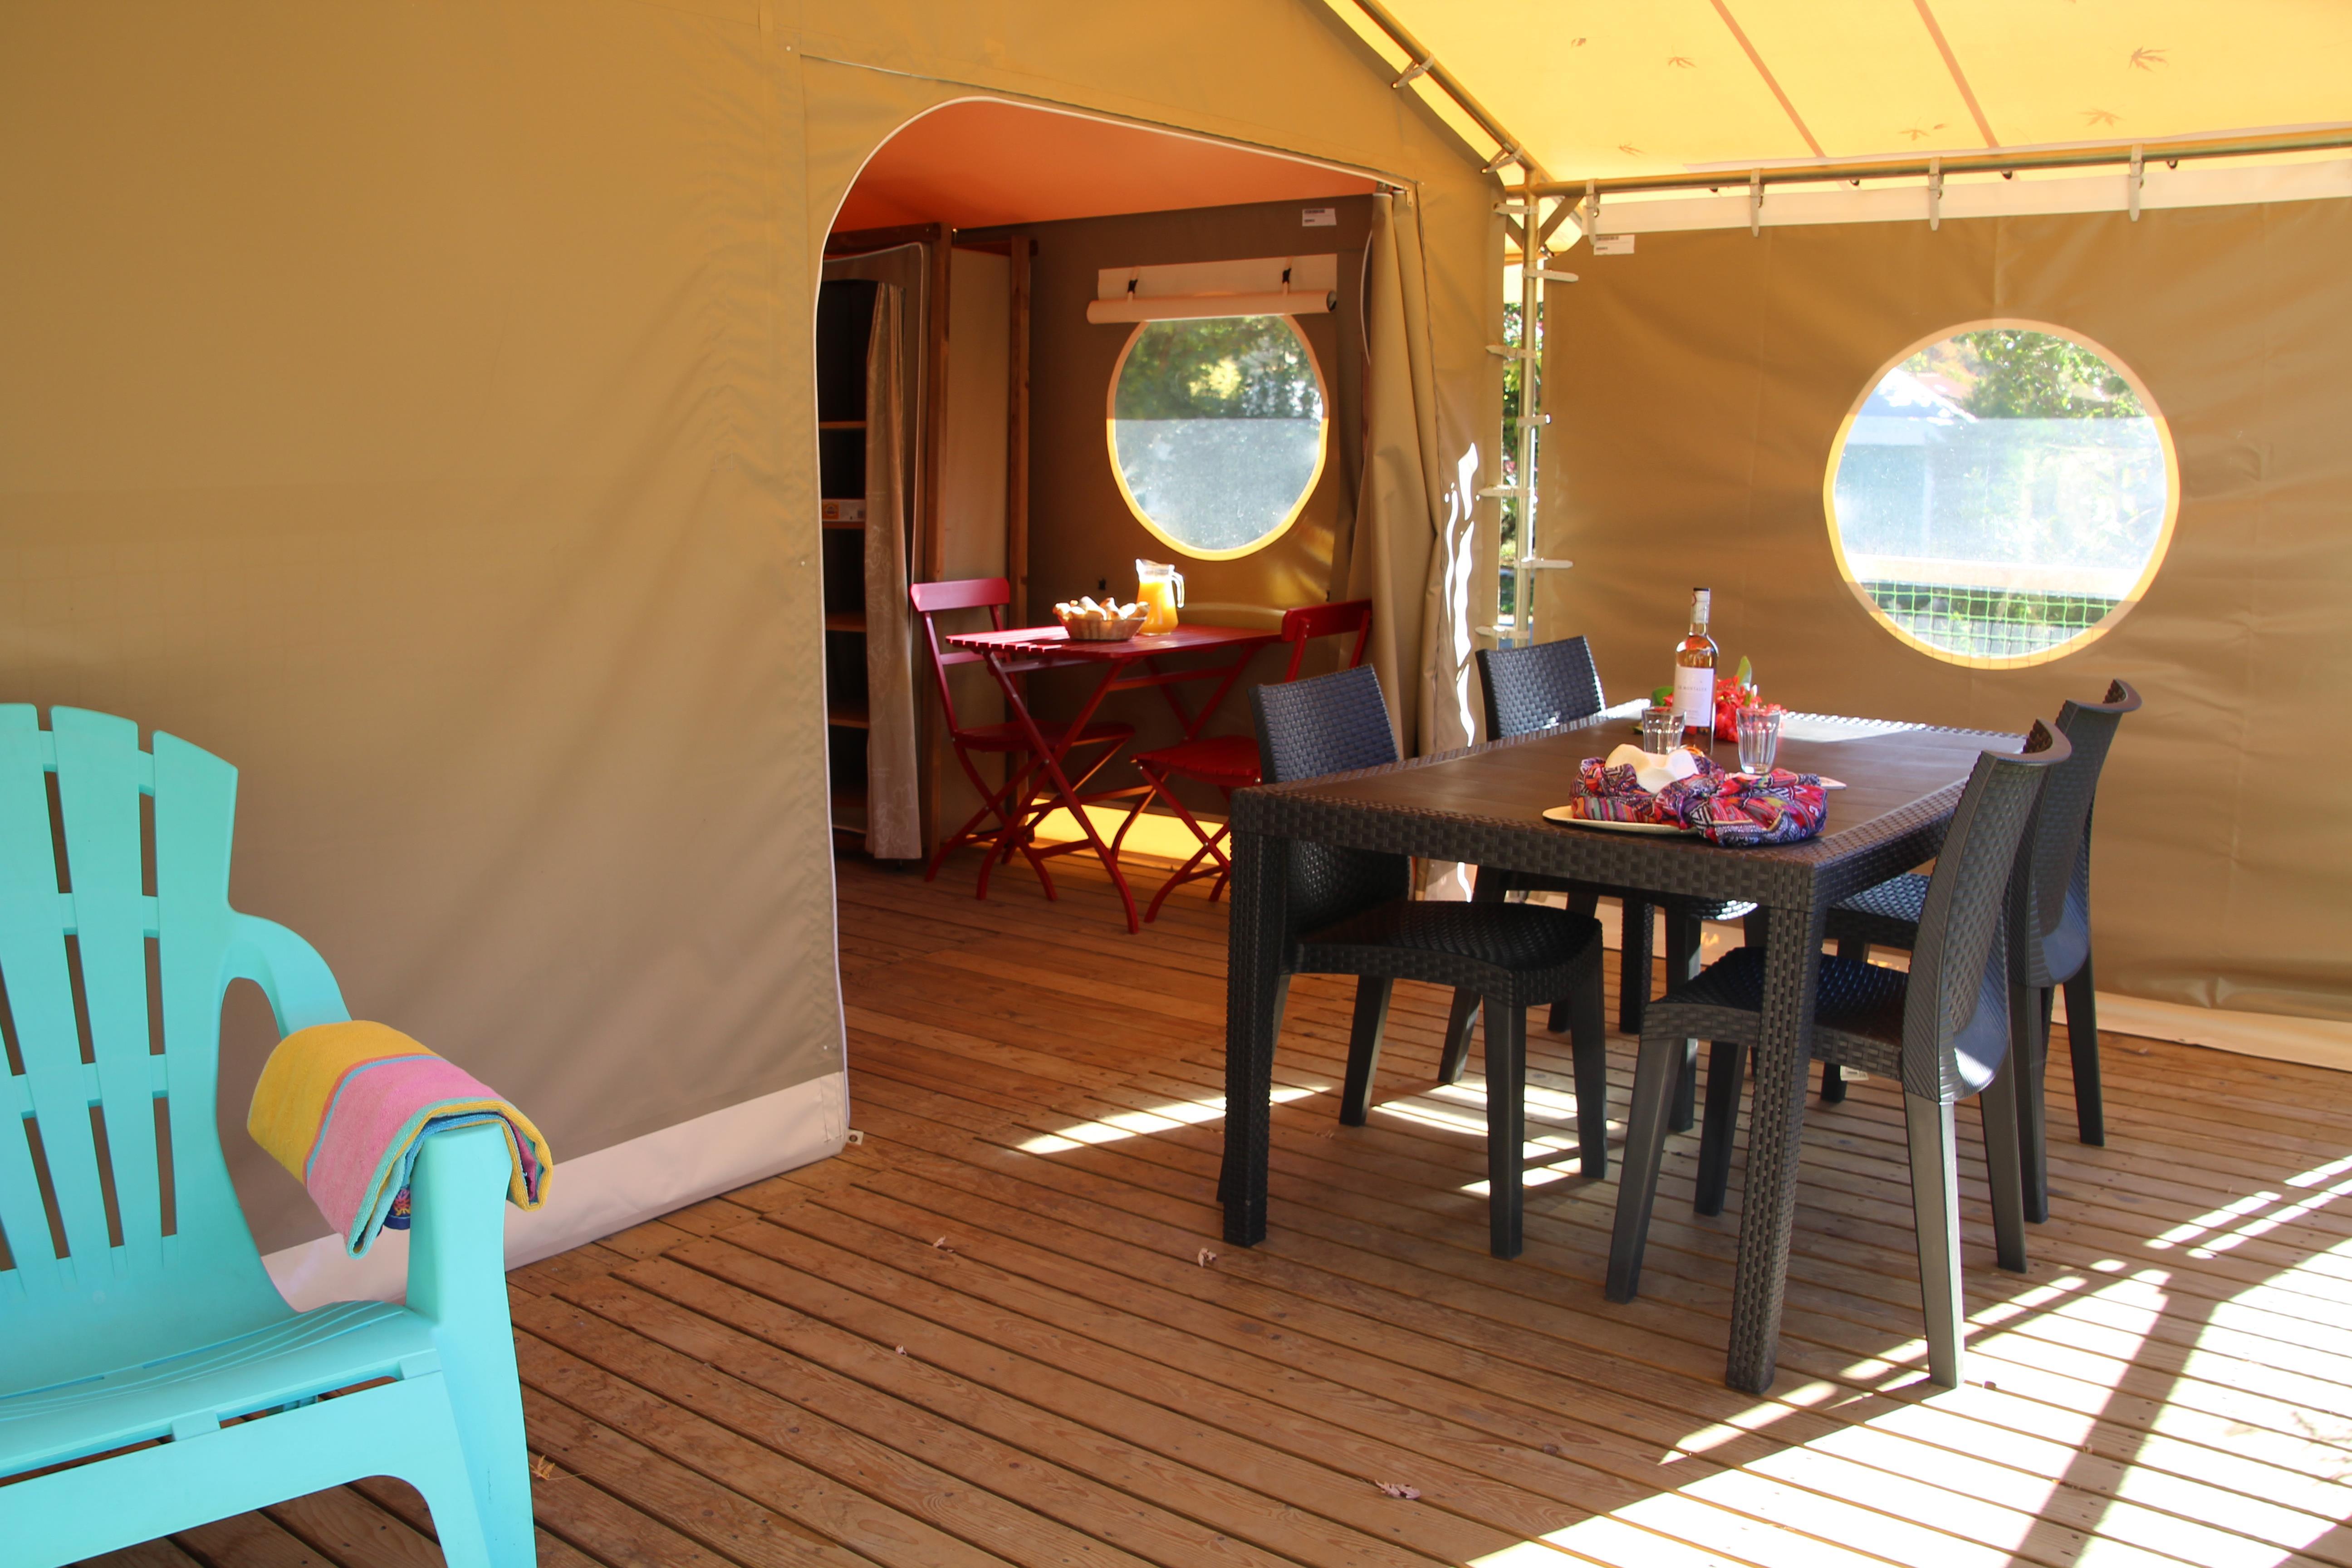 Location - Tente Meublée Lodge 20M² (2 Chambres)** - Sans Sanitaires - Yelloh! Village Le Pré Lombard